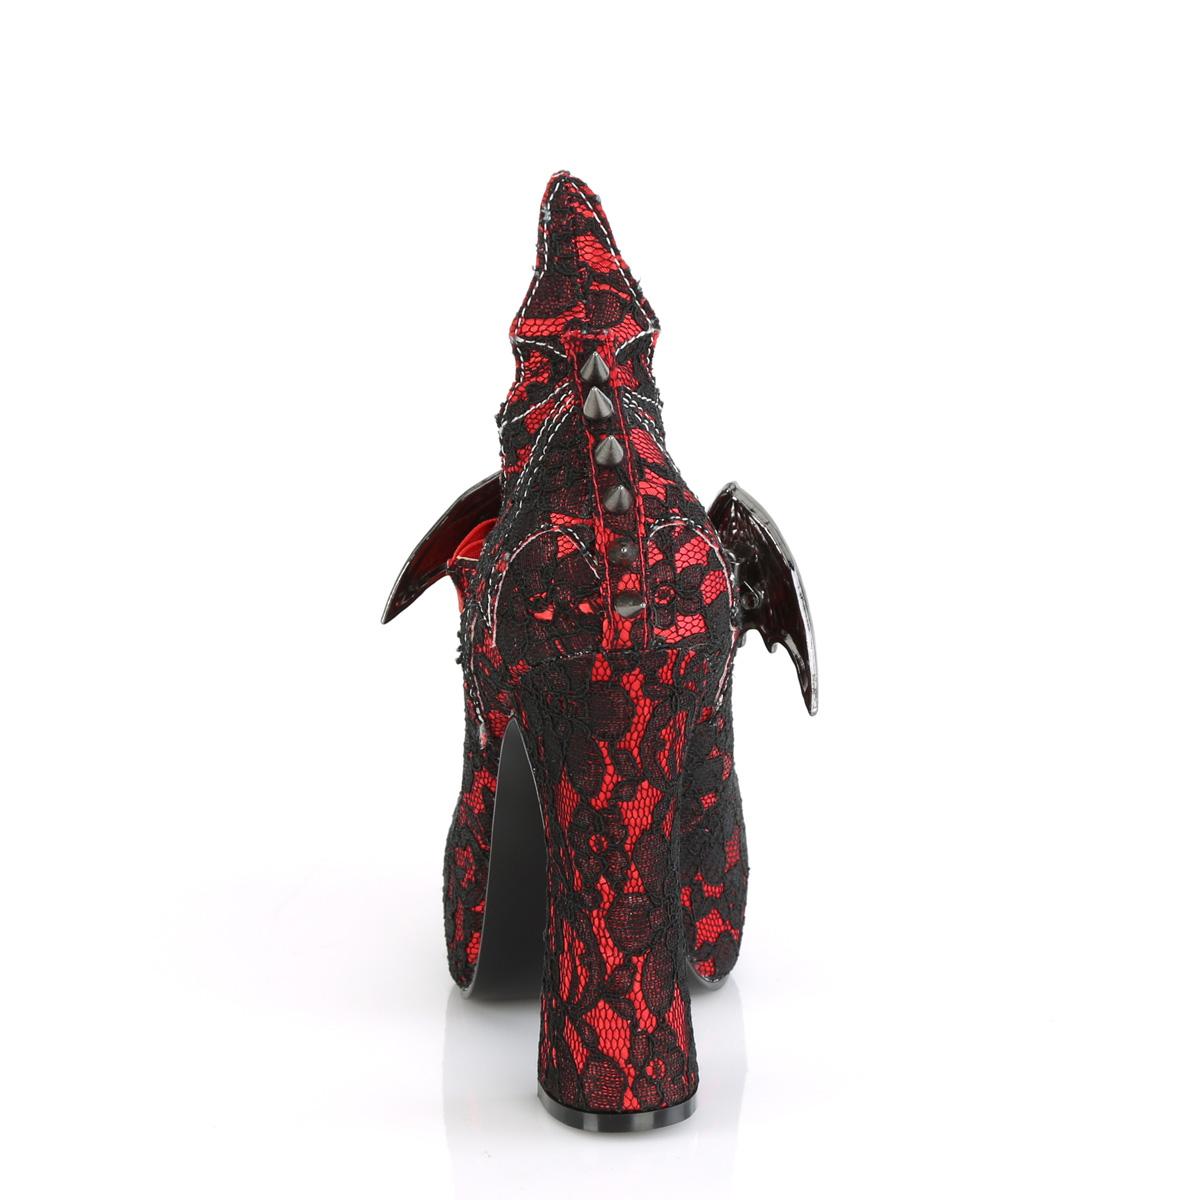 Demonia(デモニア) DEMON-18 メタルバット&コーンスパイク パンプス 赤サテン/黒レース◆取り寄せ